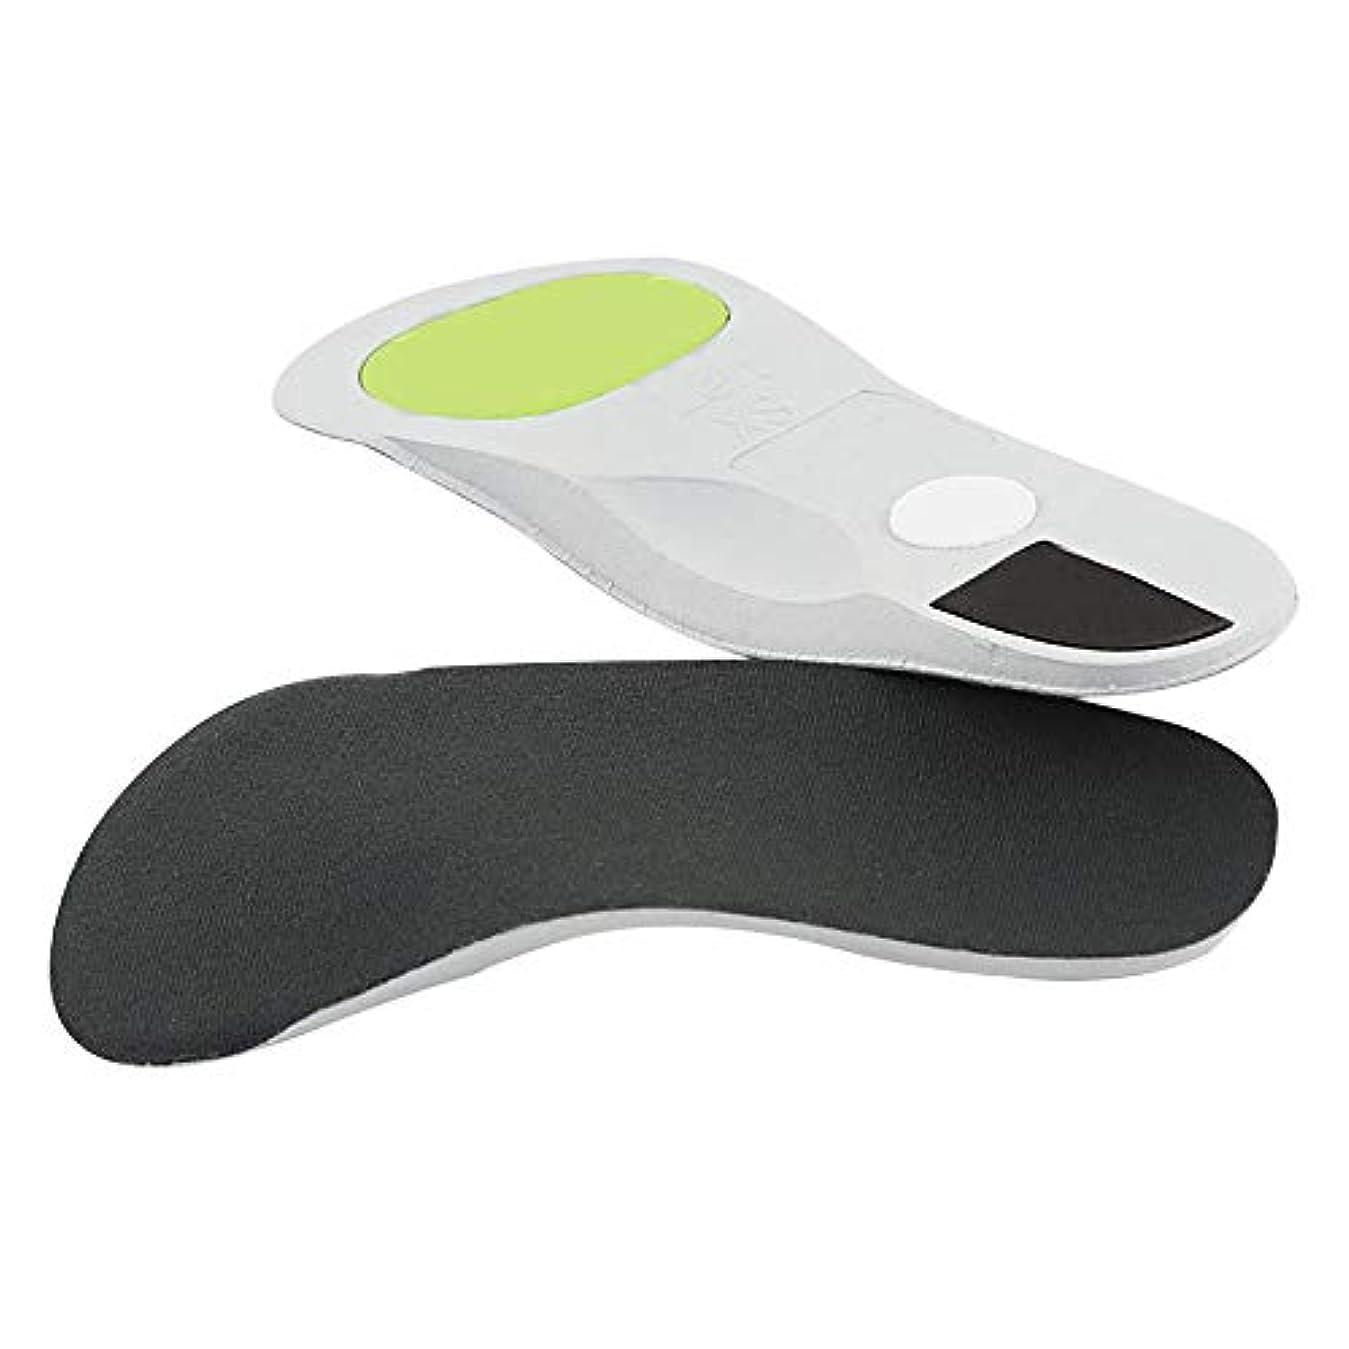 麻痺アイドル五矯正インソールアーチサポートインソールトリートメントフラットフット足の痛みを和らげますフィットネス、ランニング、テニス用の通気性のある滑り止めアーチヒール,L